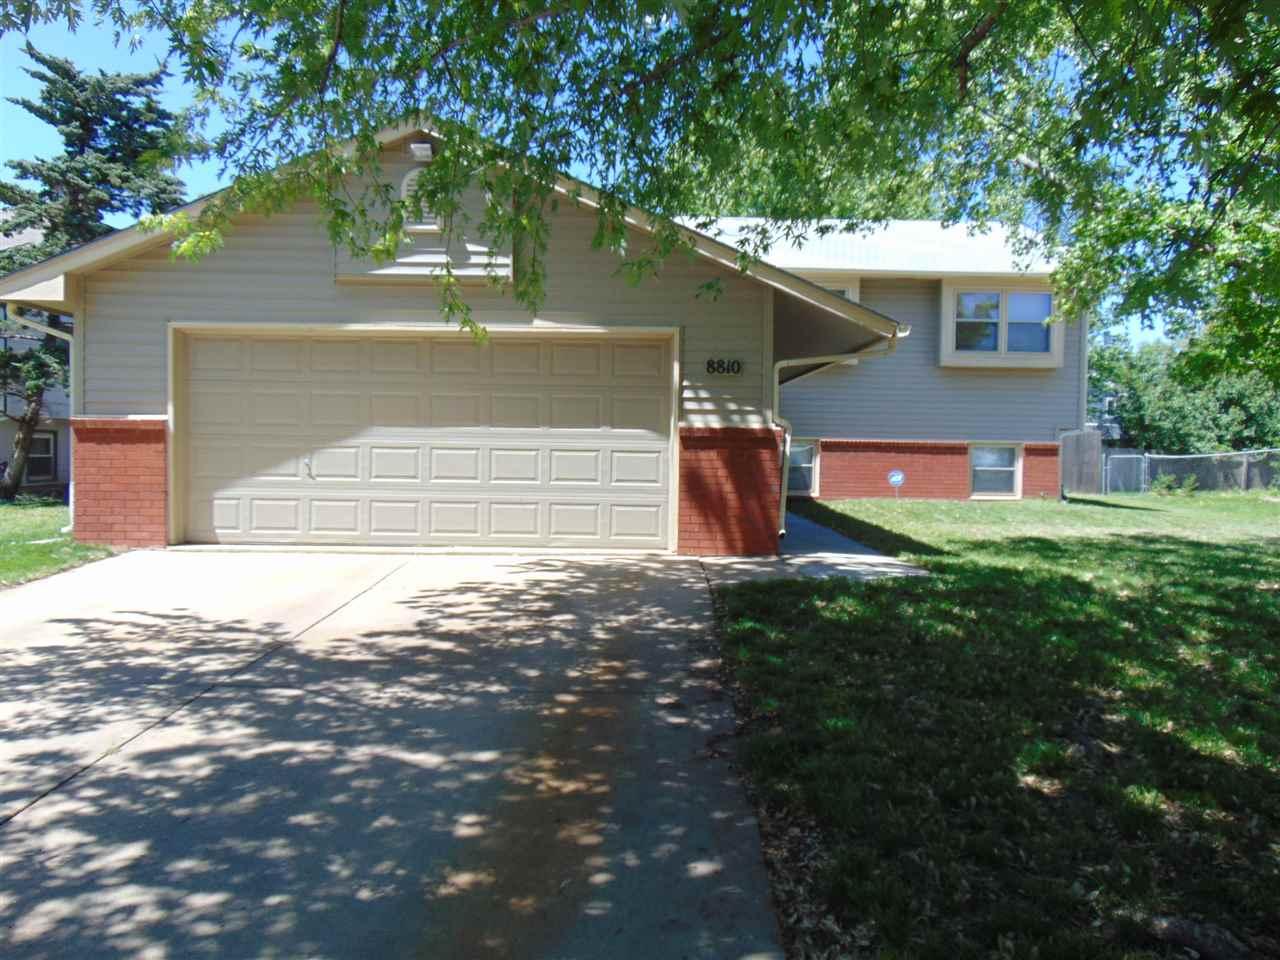 8810 E Hurst St, Wichita, KS 67210